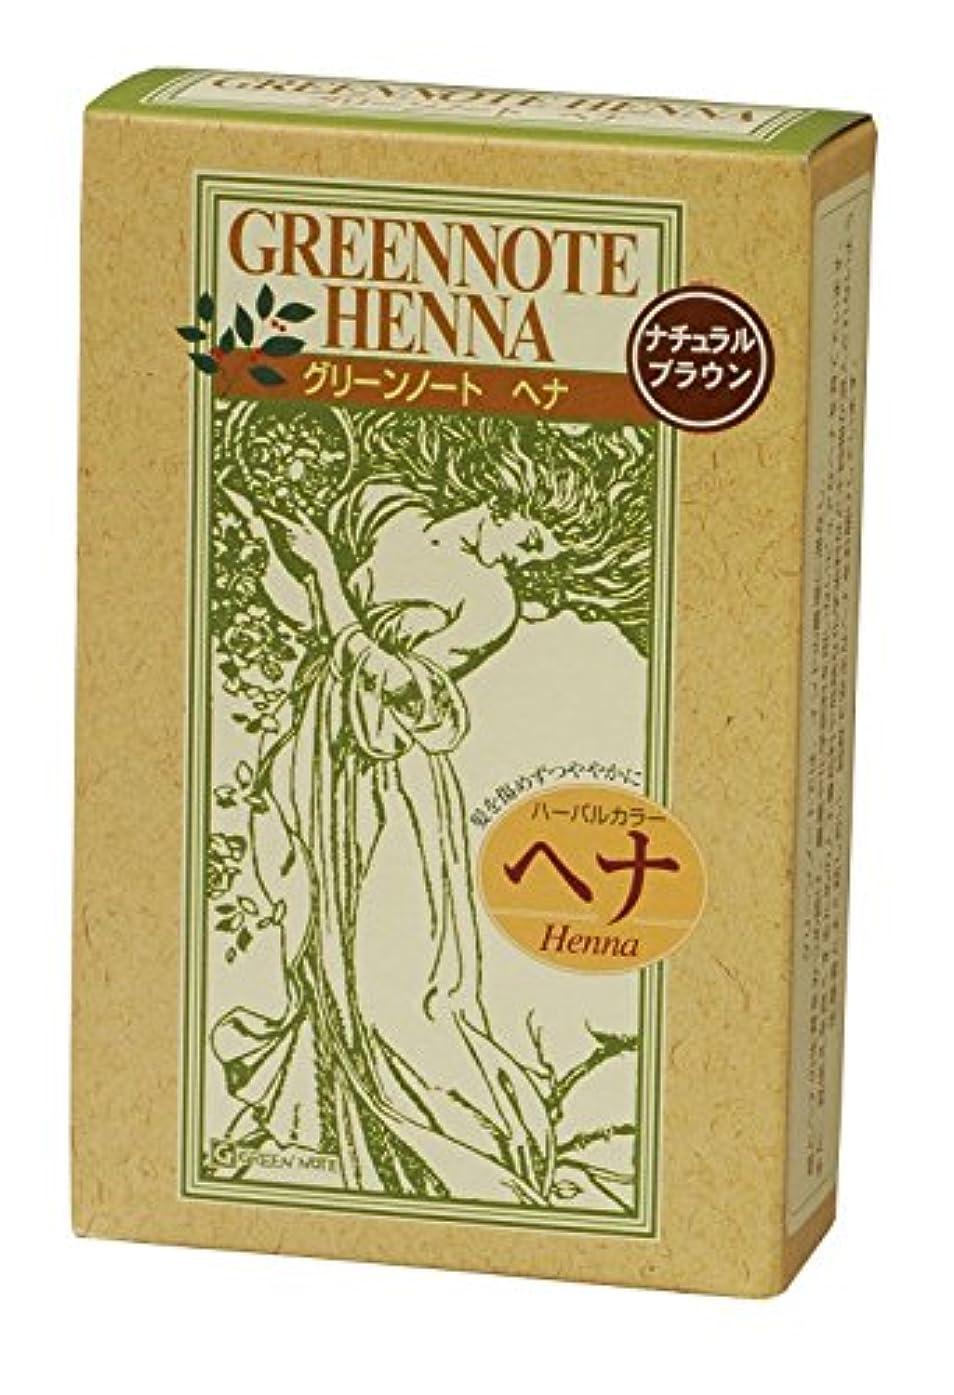 作り上げる深めるオーバーコートグリーンノートグリーンノートヘナ ナチュラルブラウン